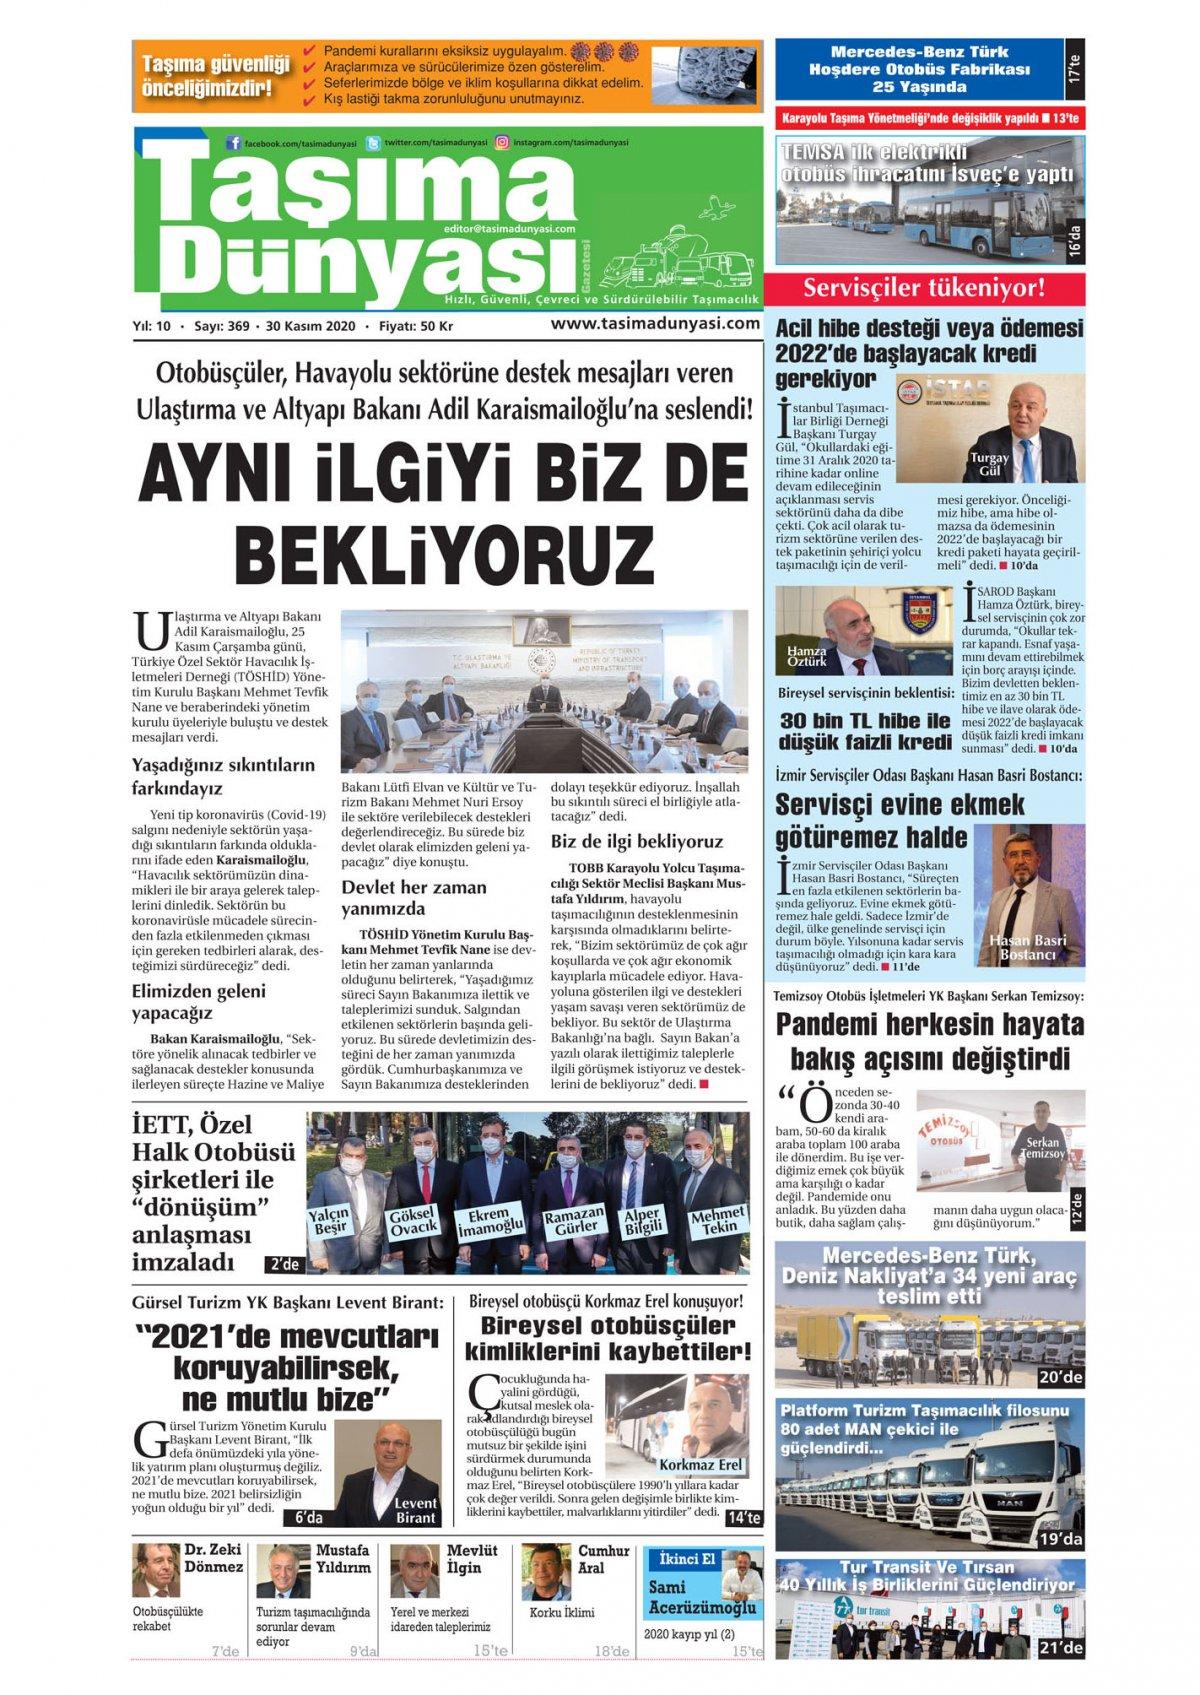 Taşıma Dünyası Gazetesi - 30.11.2020 Manşeti